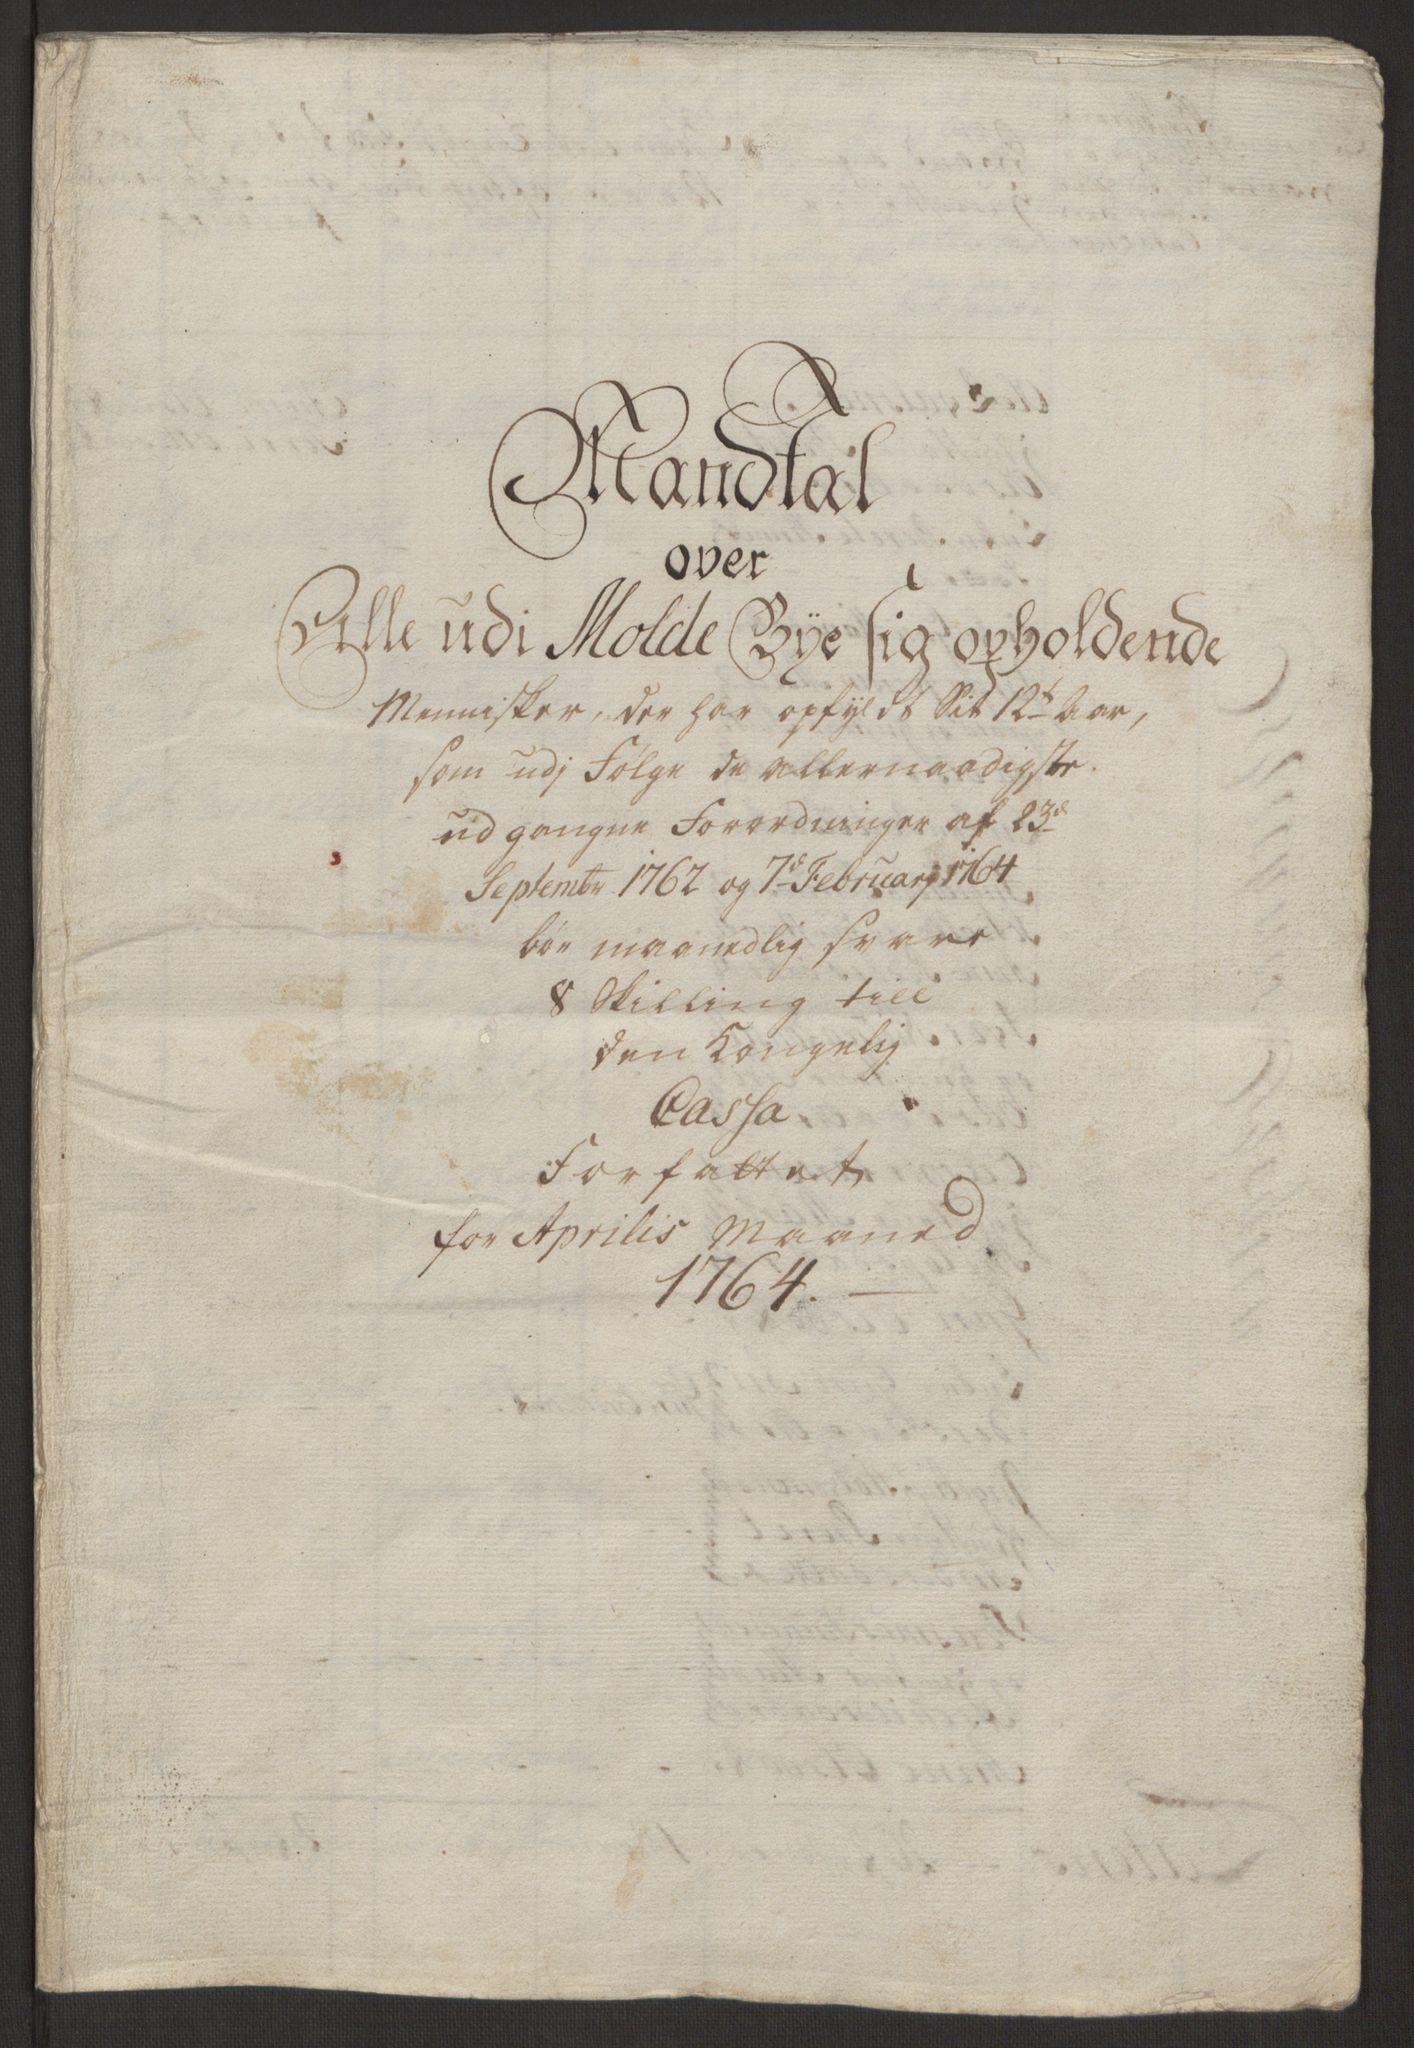 RA, Rentekammeret inntil 1814, Reviderte regnskaper, Byregnskaper, R/Rq/L0487: [Q1] Kontribusjonsregnskap, 1762-1772, s. 78